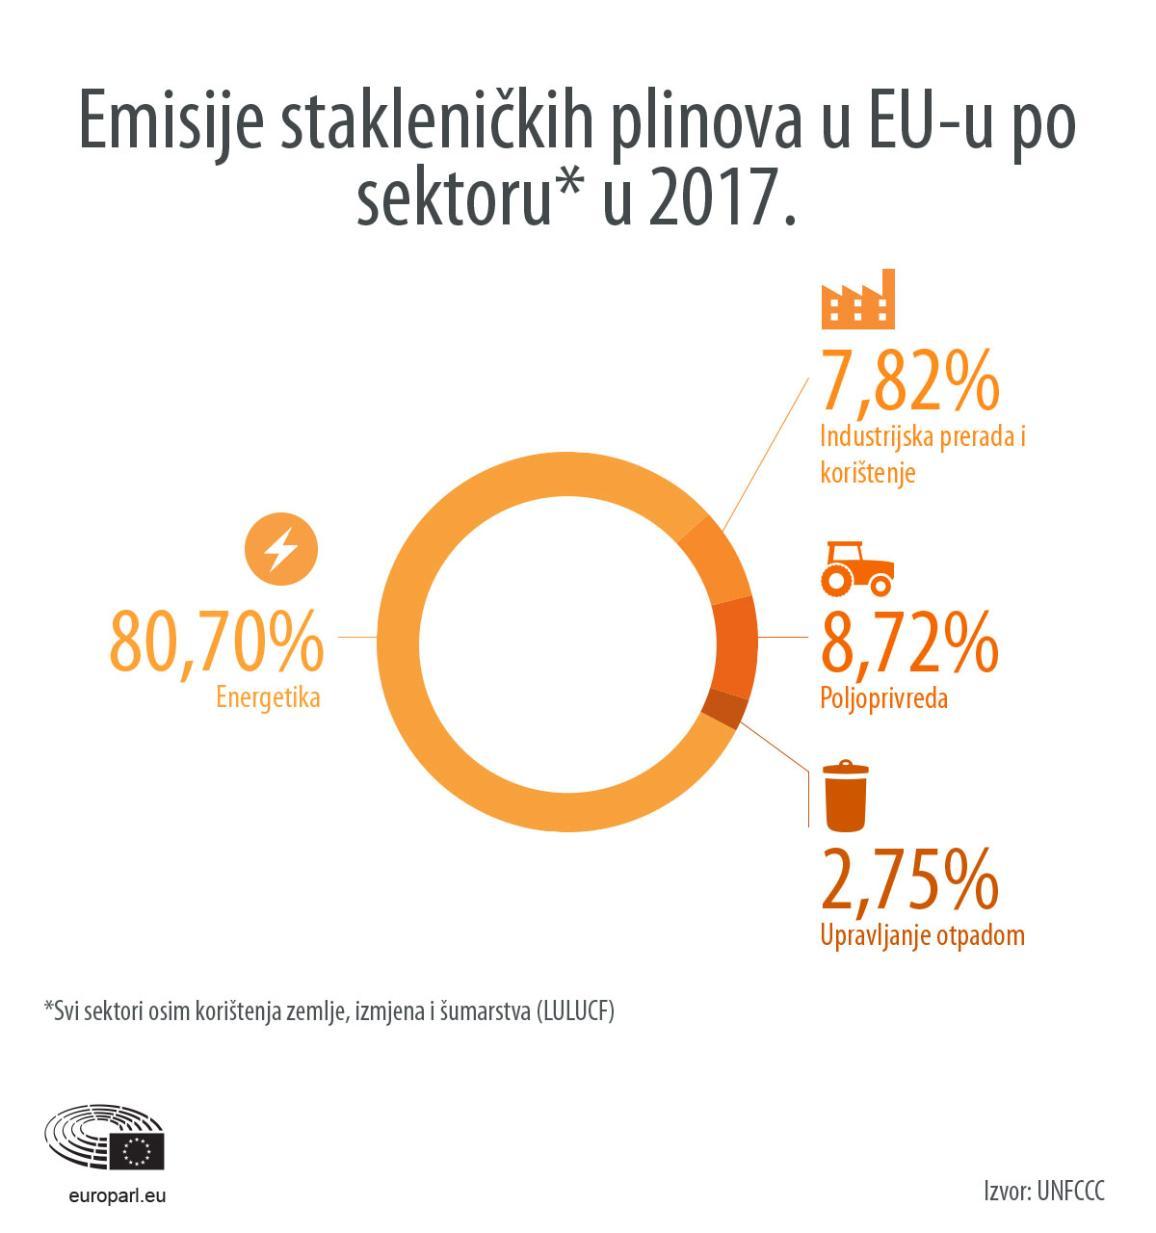 Emisije po sektoru